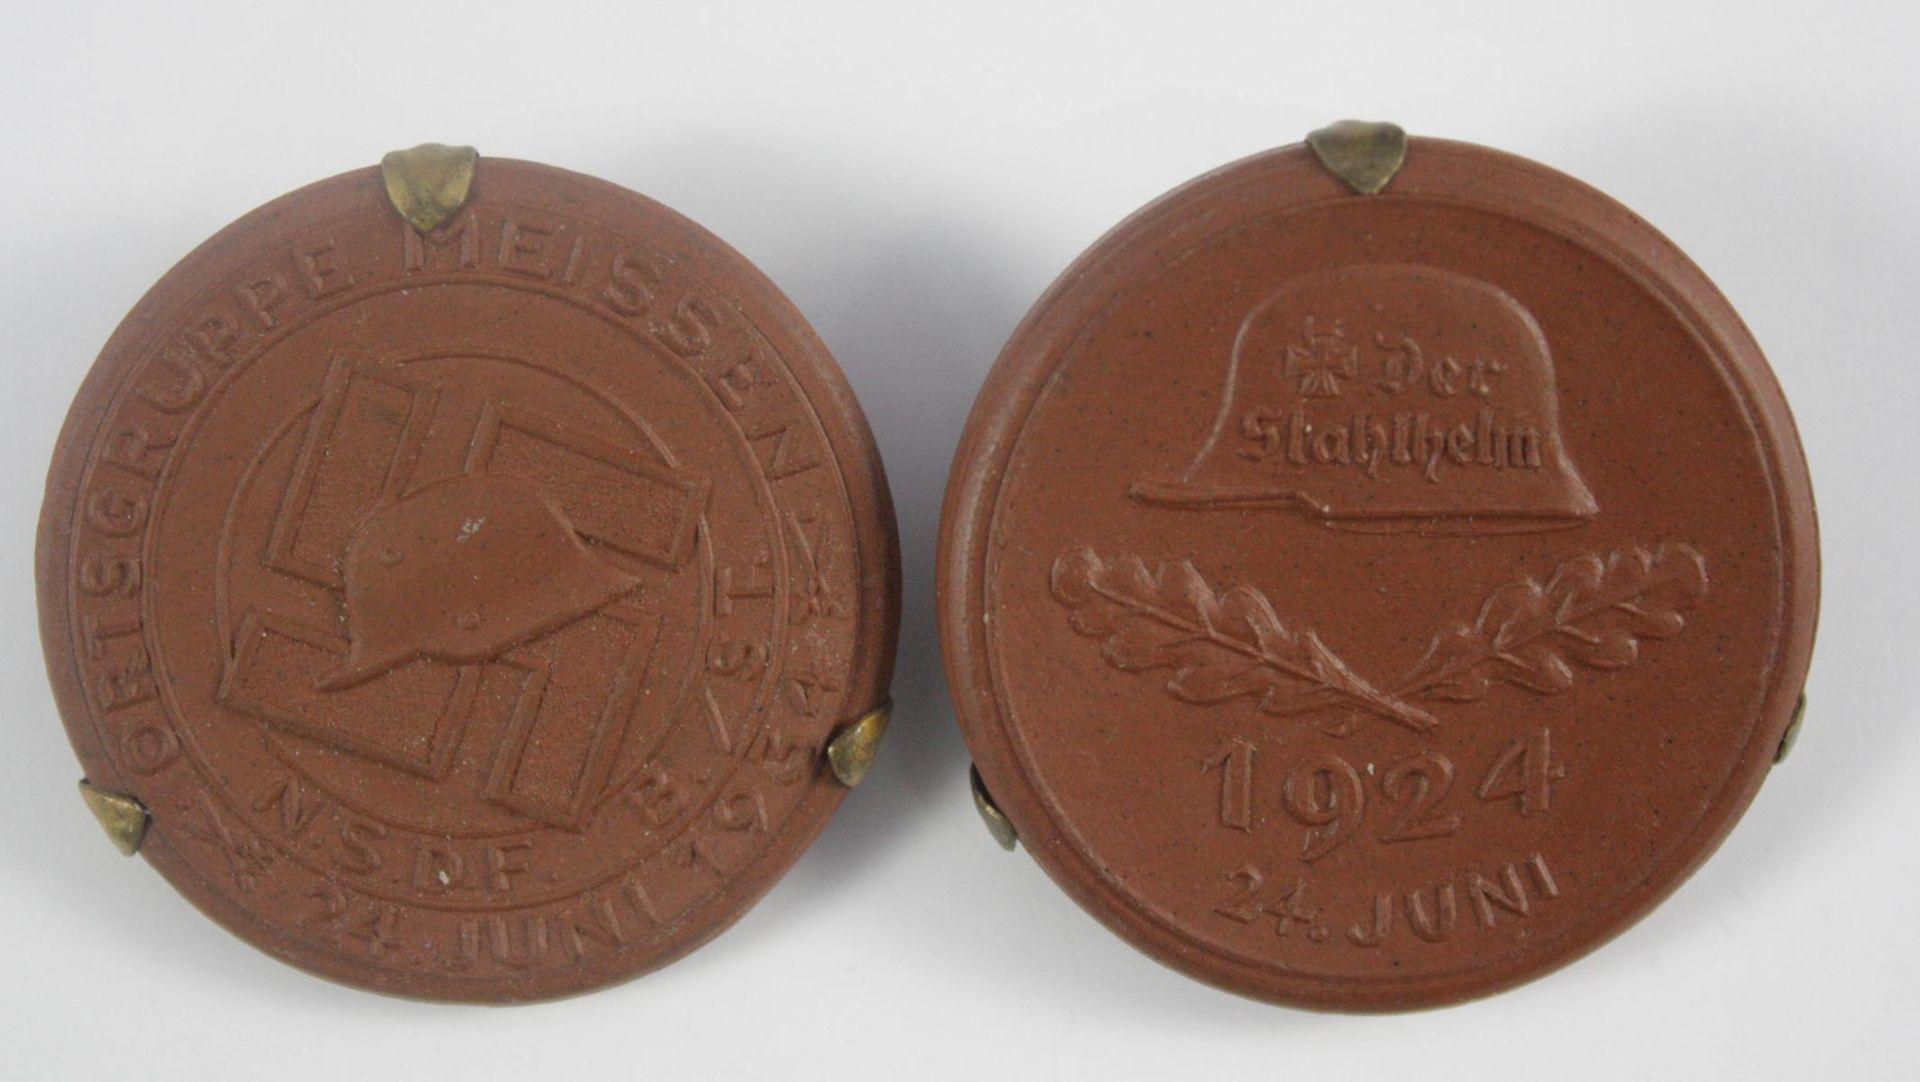 2x Medaille, Meissen Ortsgruppe NSDF B/ST 24. Juni 1934, Stahlhlembund